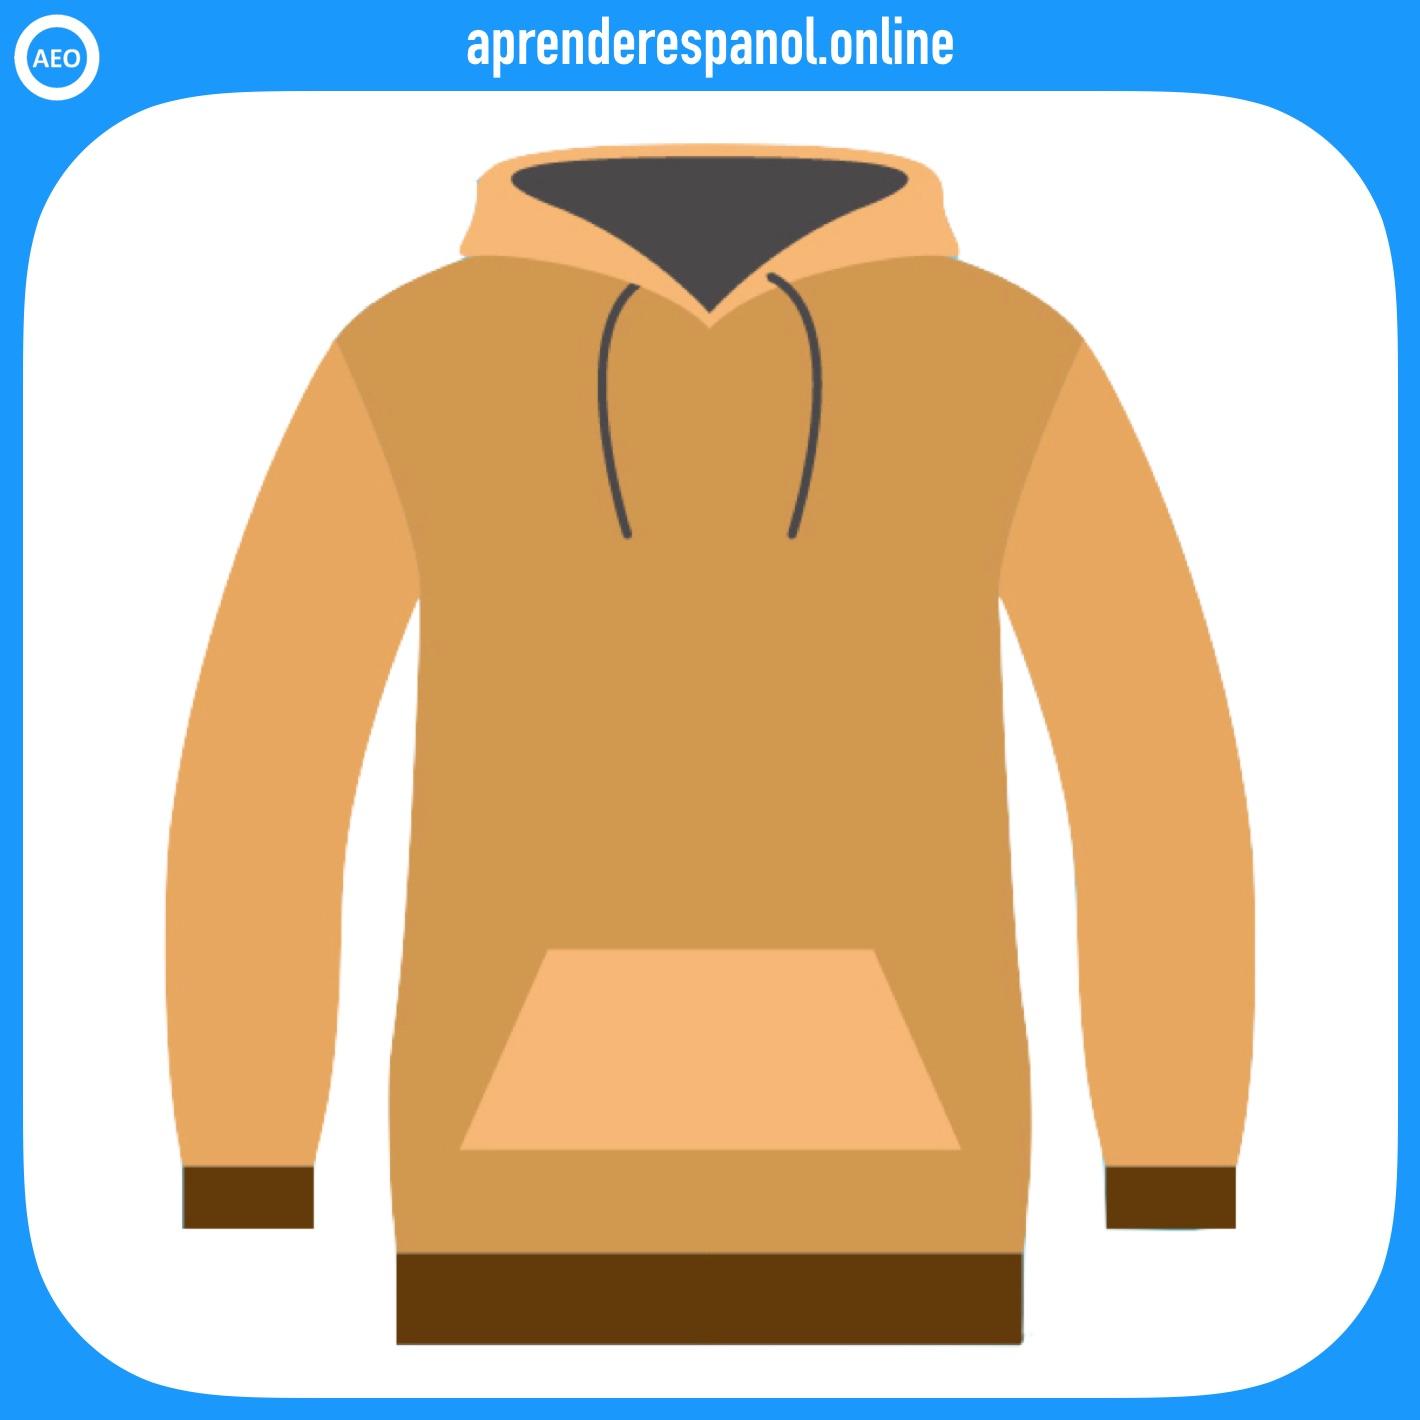 sudadera | ropa en español | vocabulario de la ropa en español